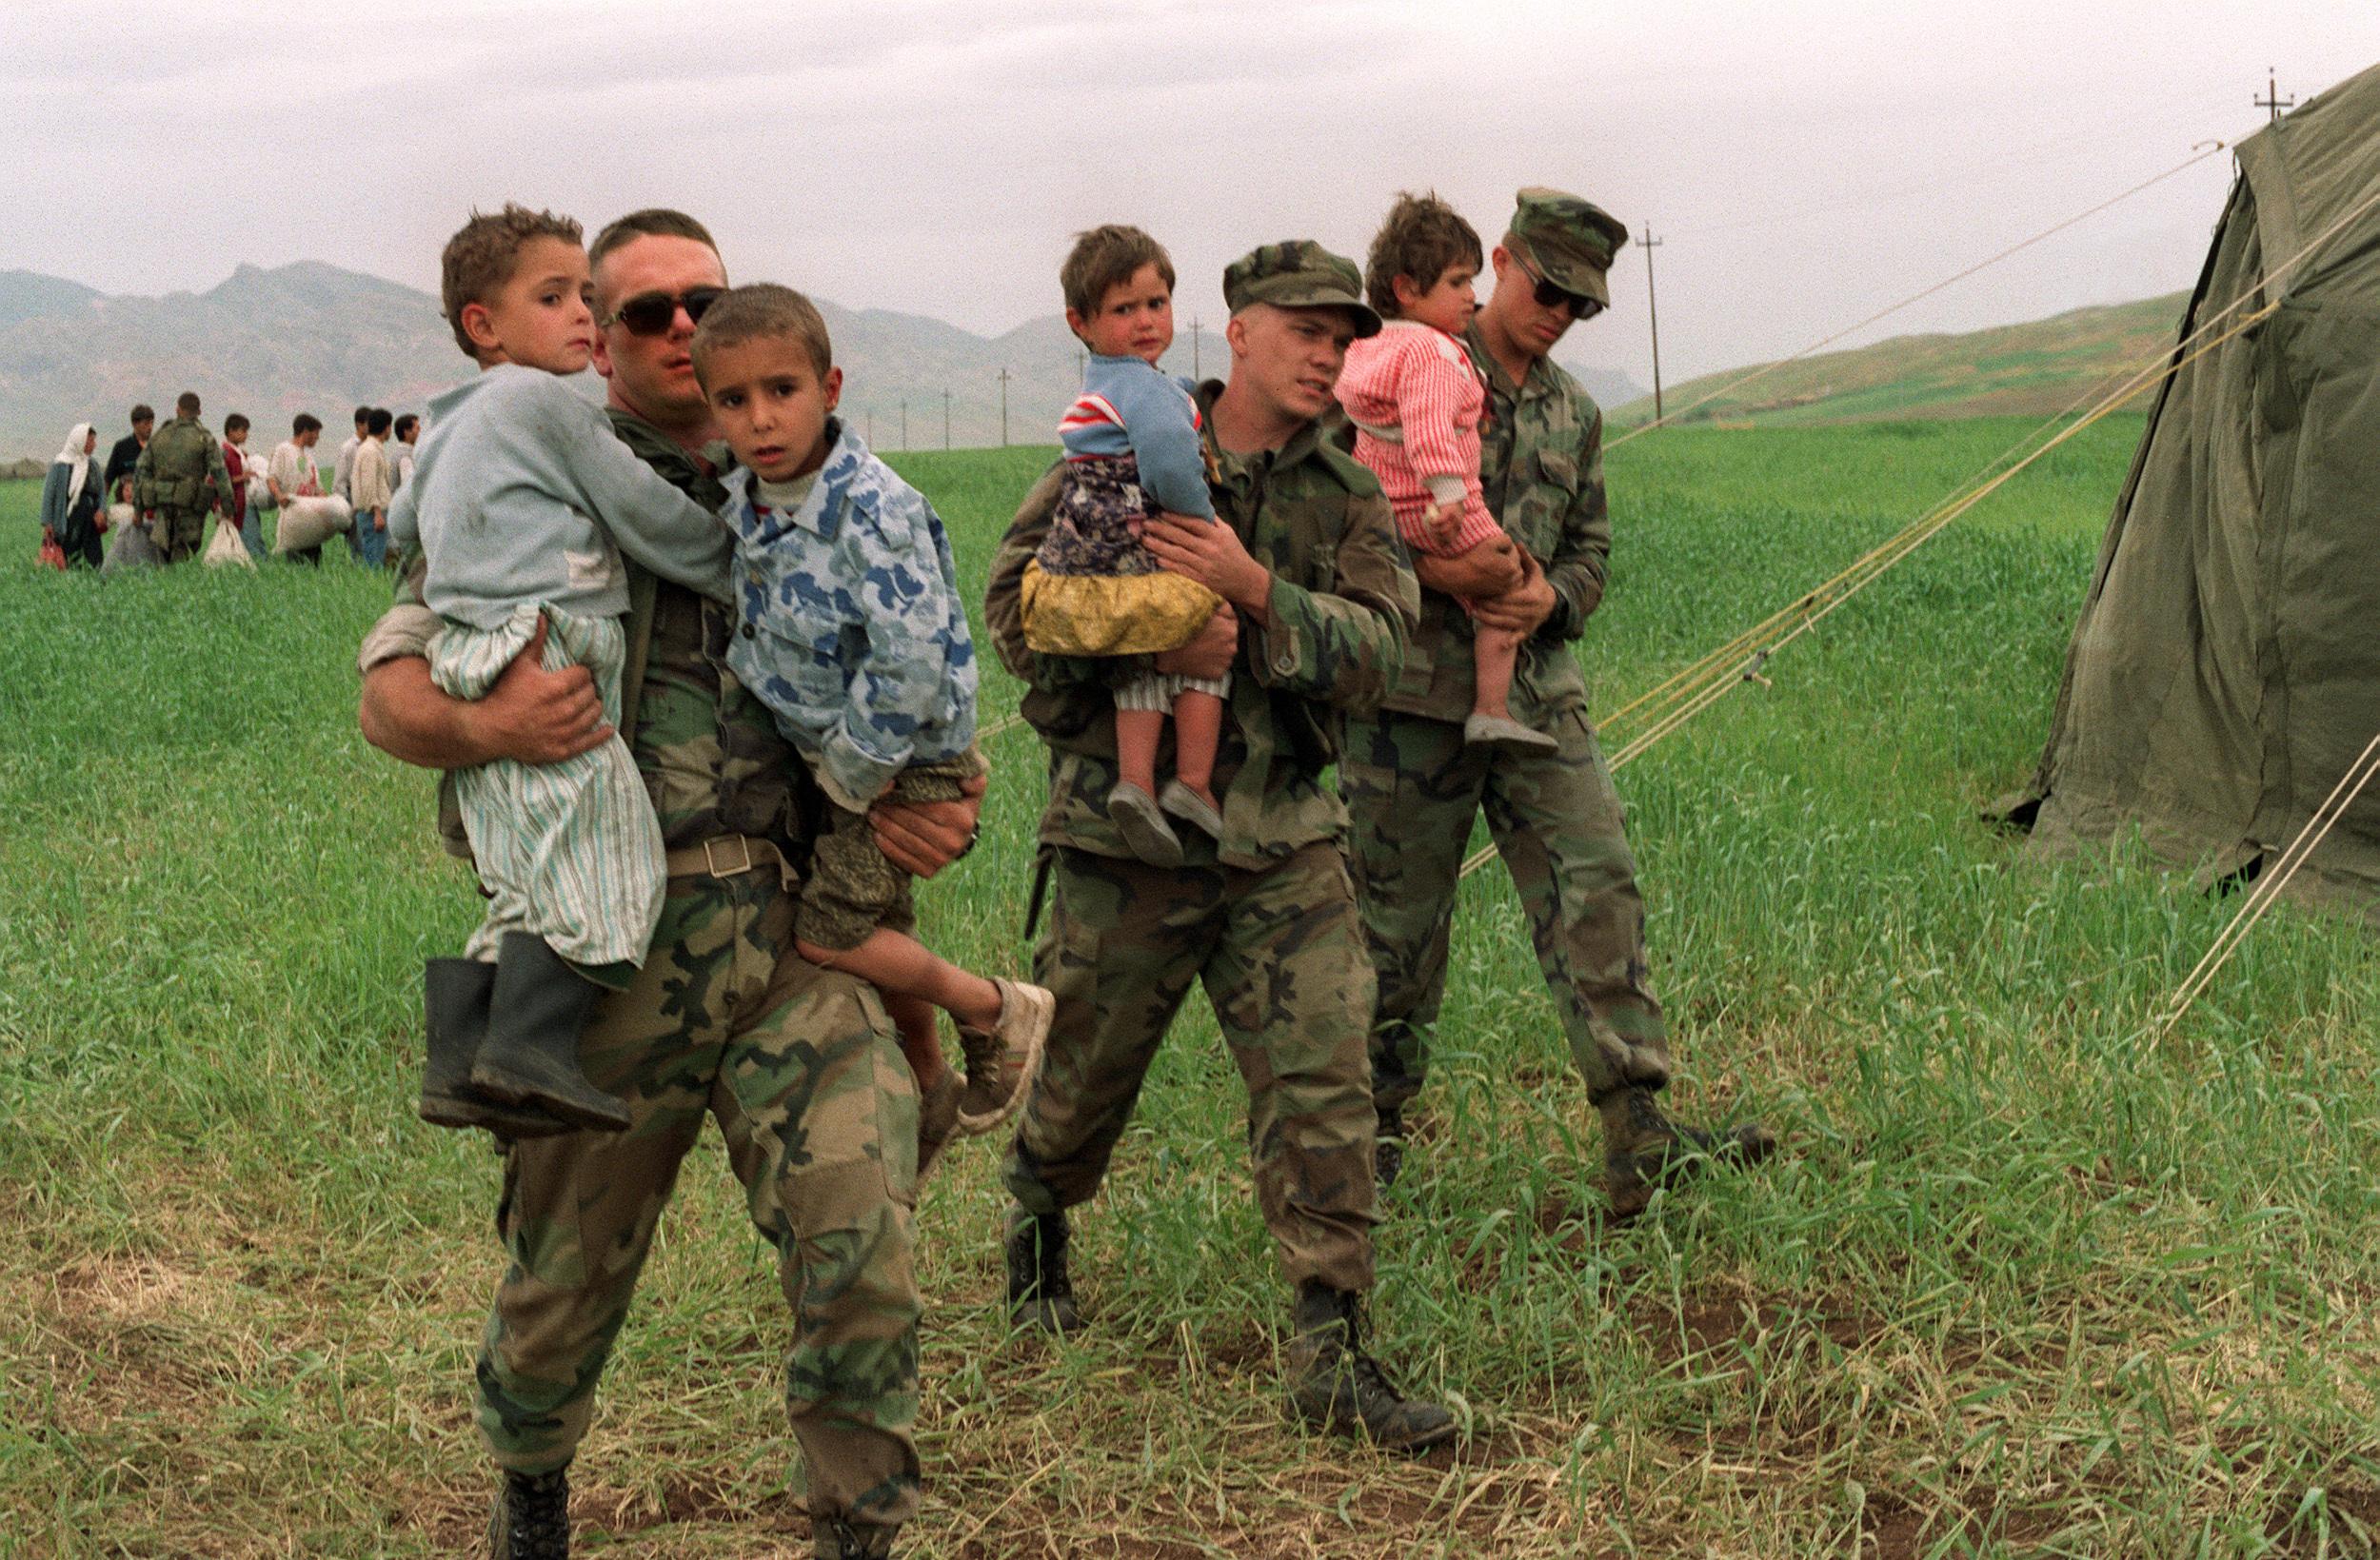 army essays on leadership